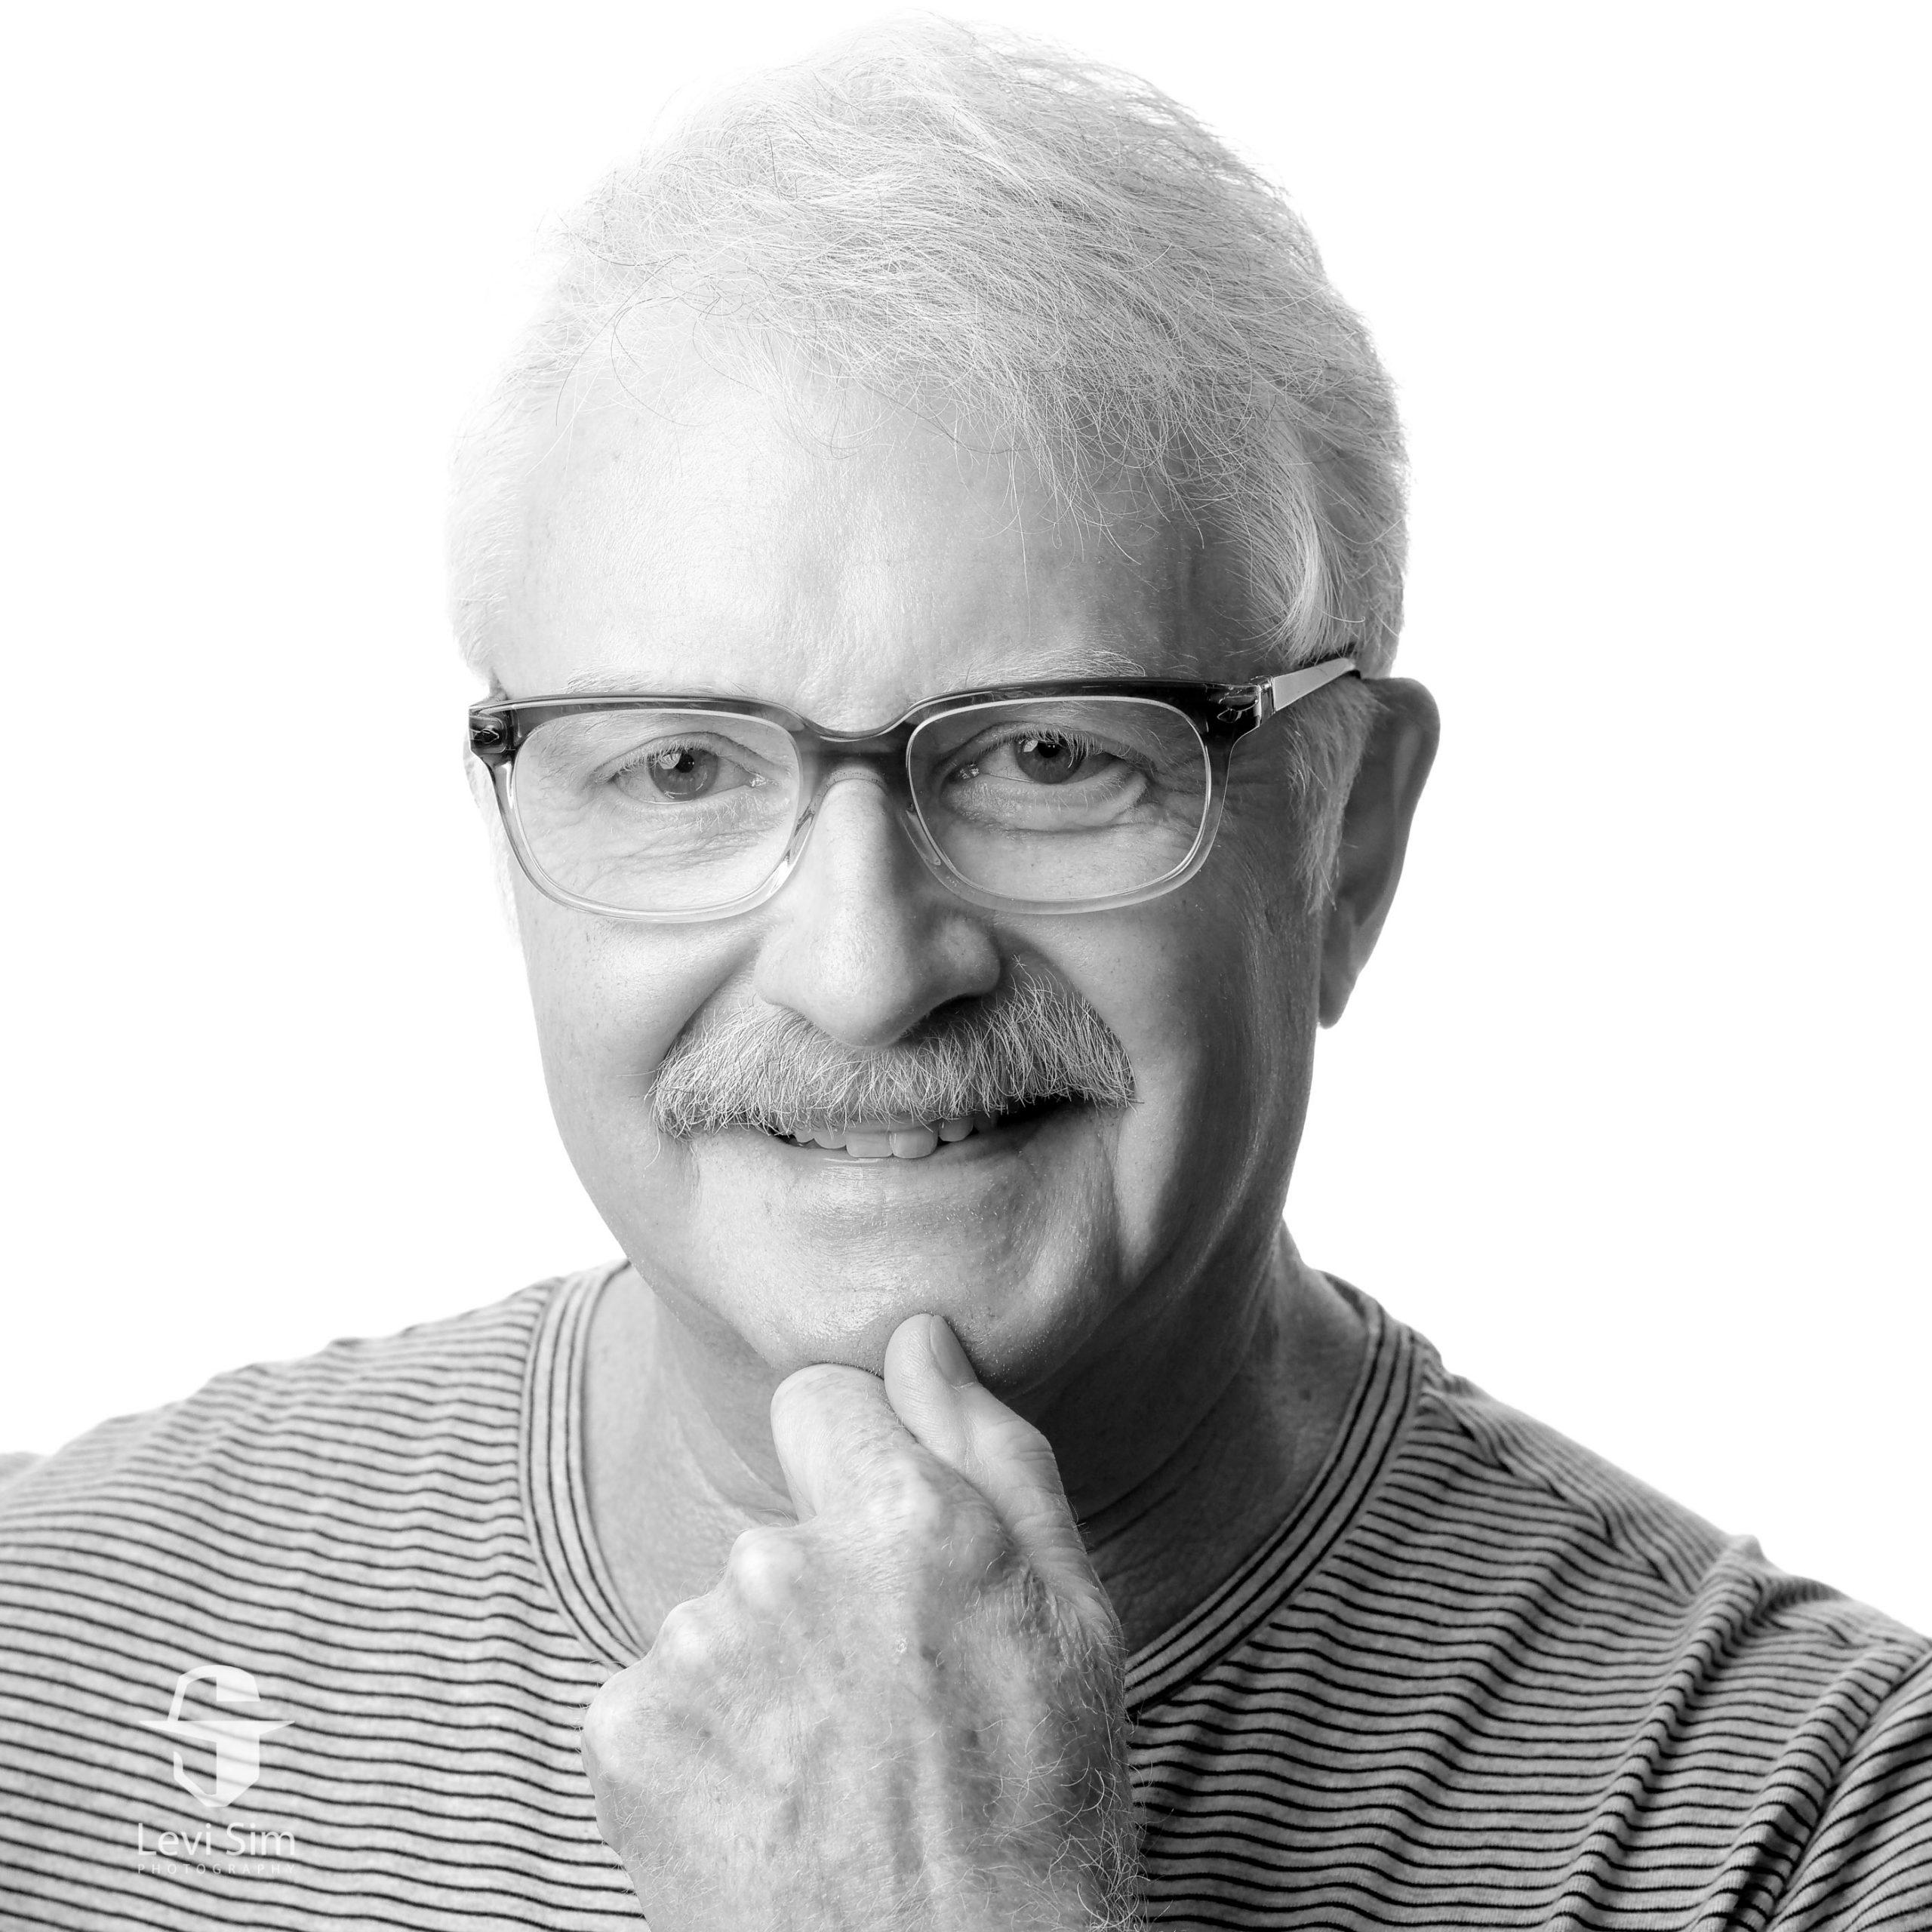 Levi Sim Steve Jobs Portrait Project Out Of Chicago 2017-82